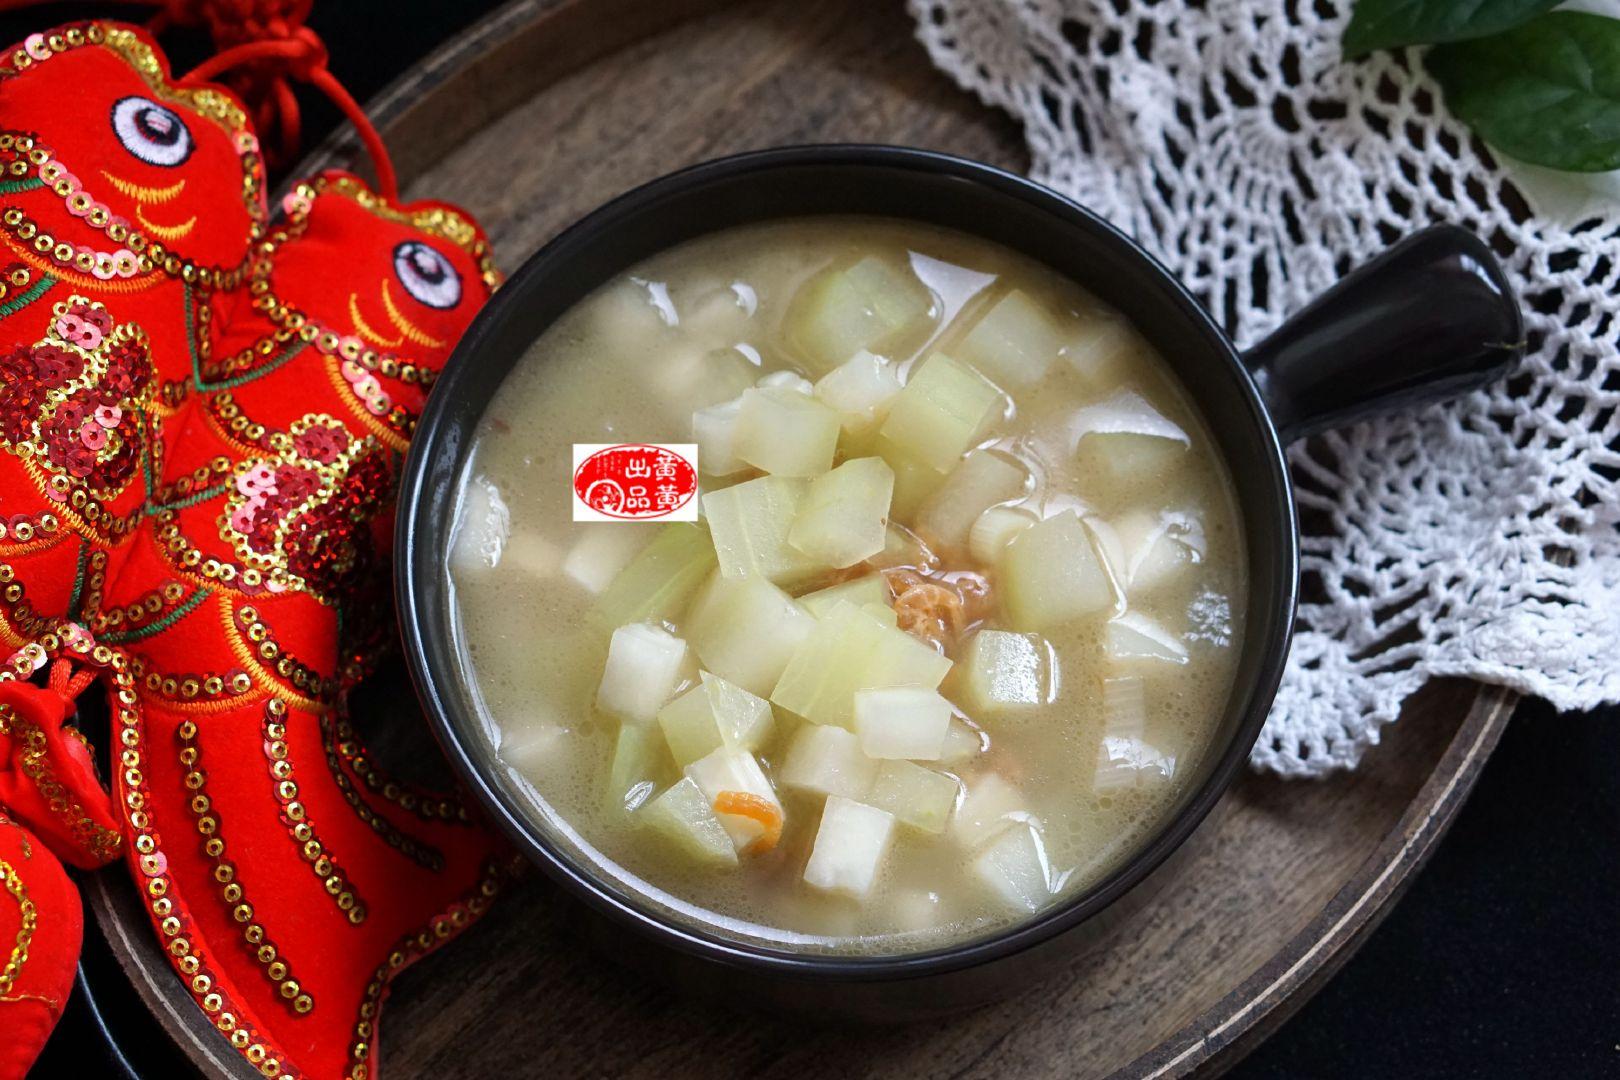 天冷了,多喝这个汤,那叫一个鲜,那叫一个香,越喝越瘦